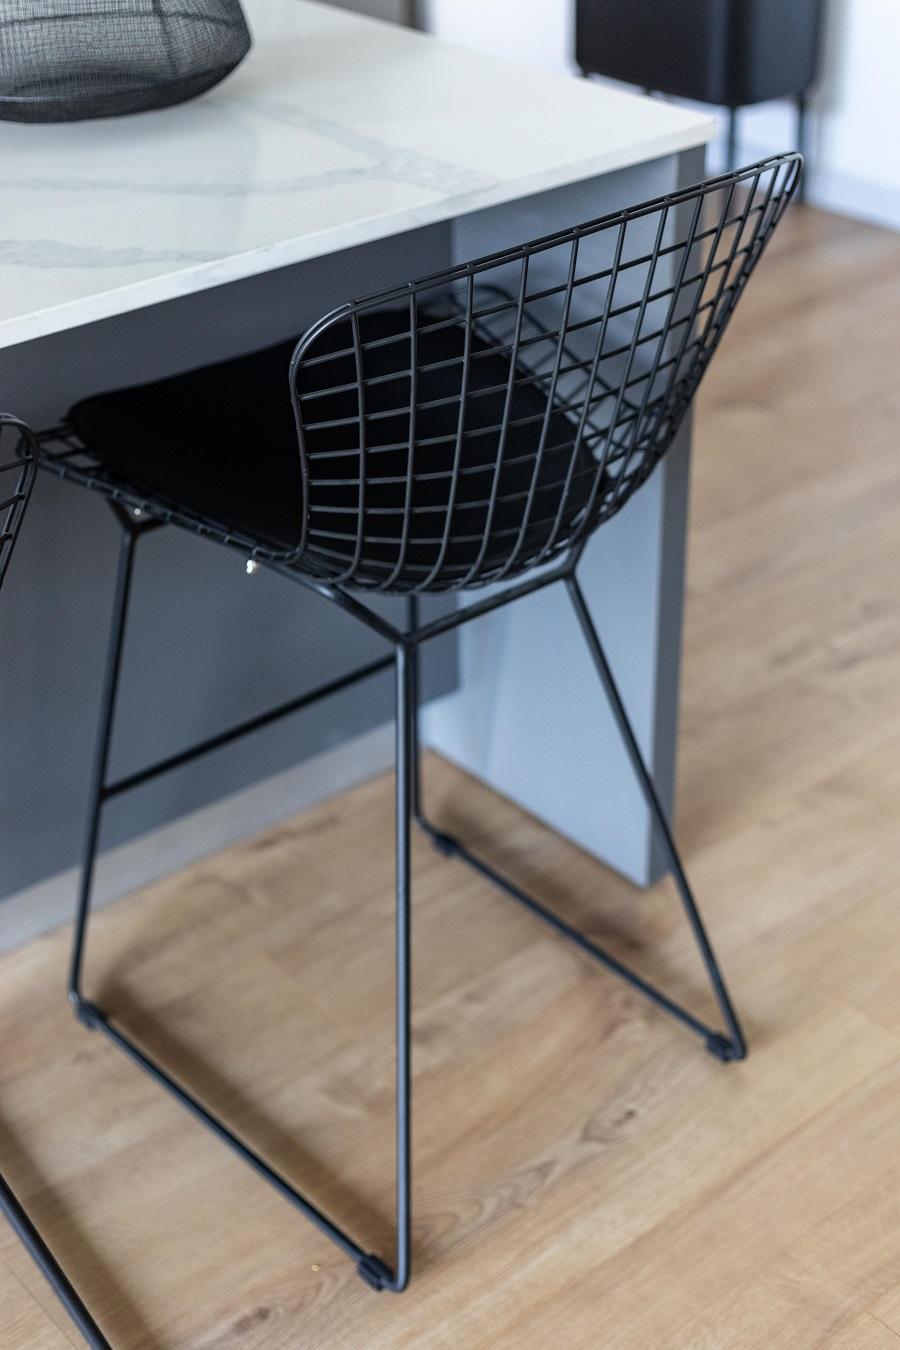 עיצוב רוני שני פלדשטיין | צילום אורית ארנון